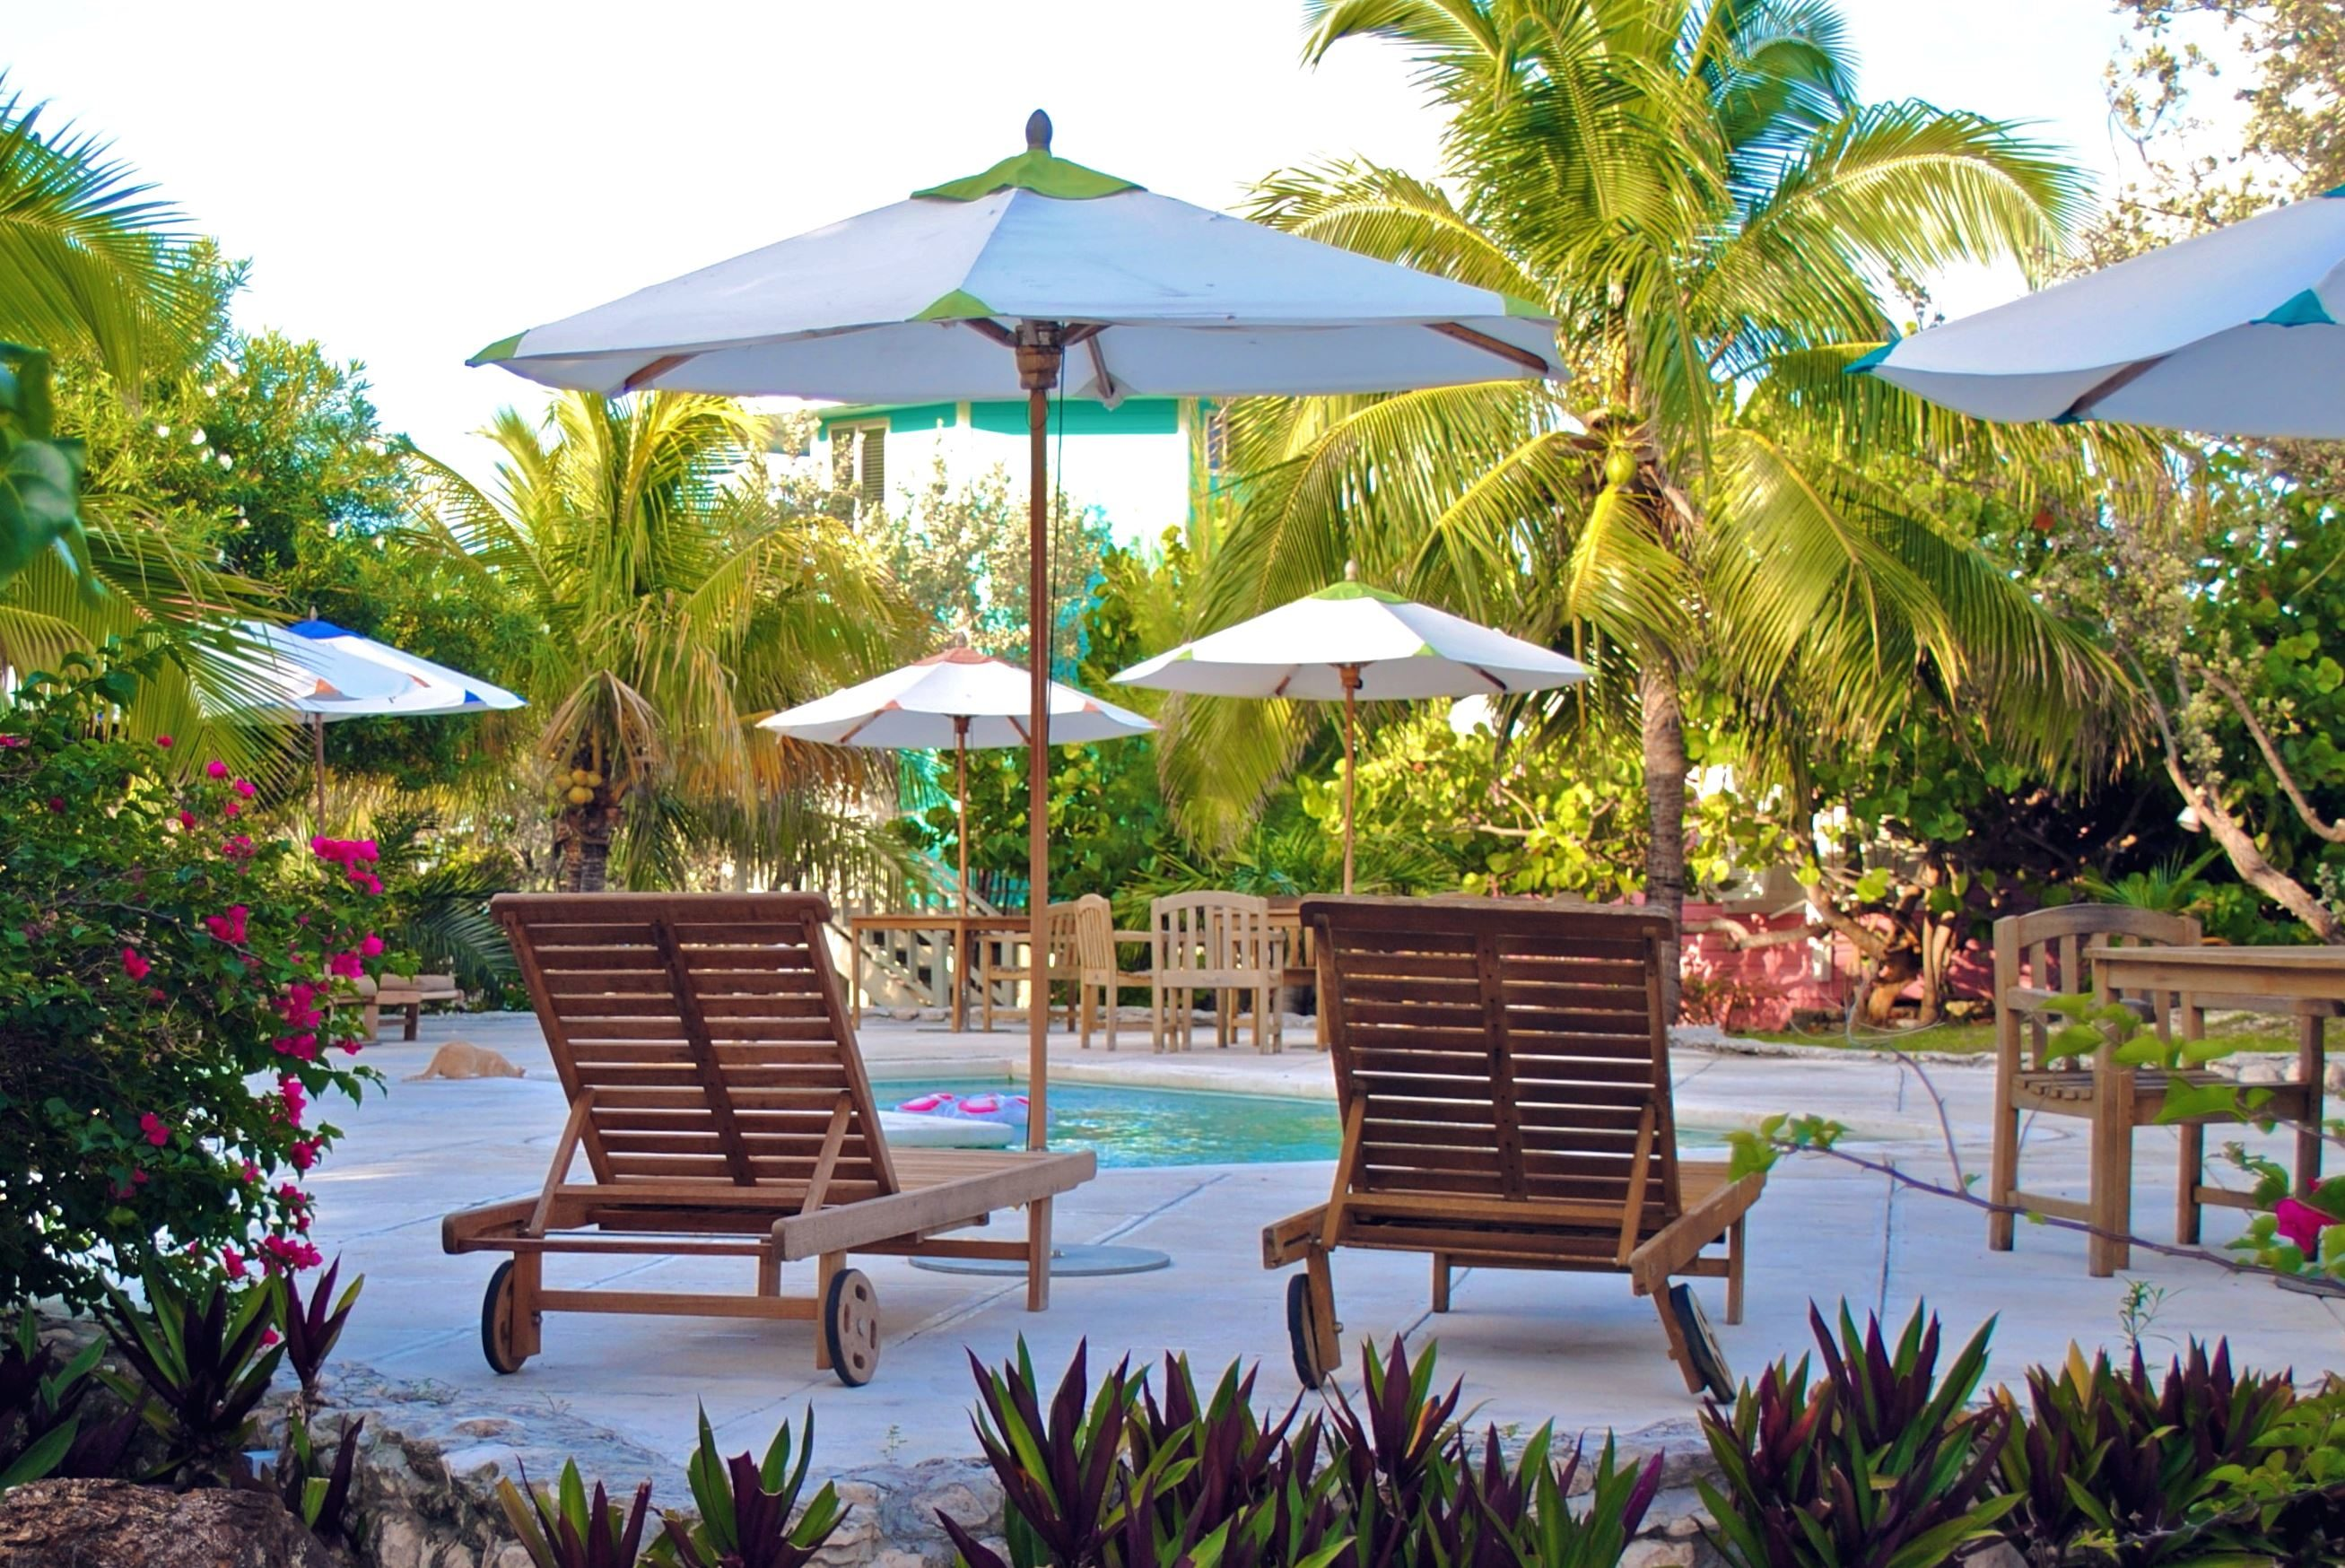 Image libre piscine jardin vacances chaise noix de for Piscine jardin exotique